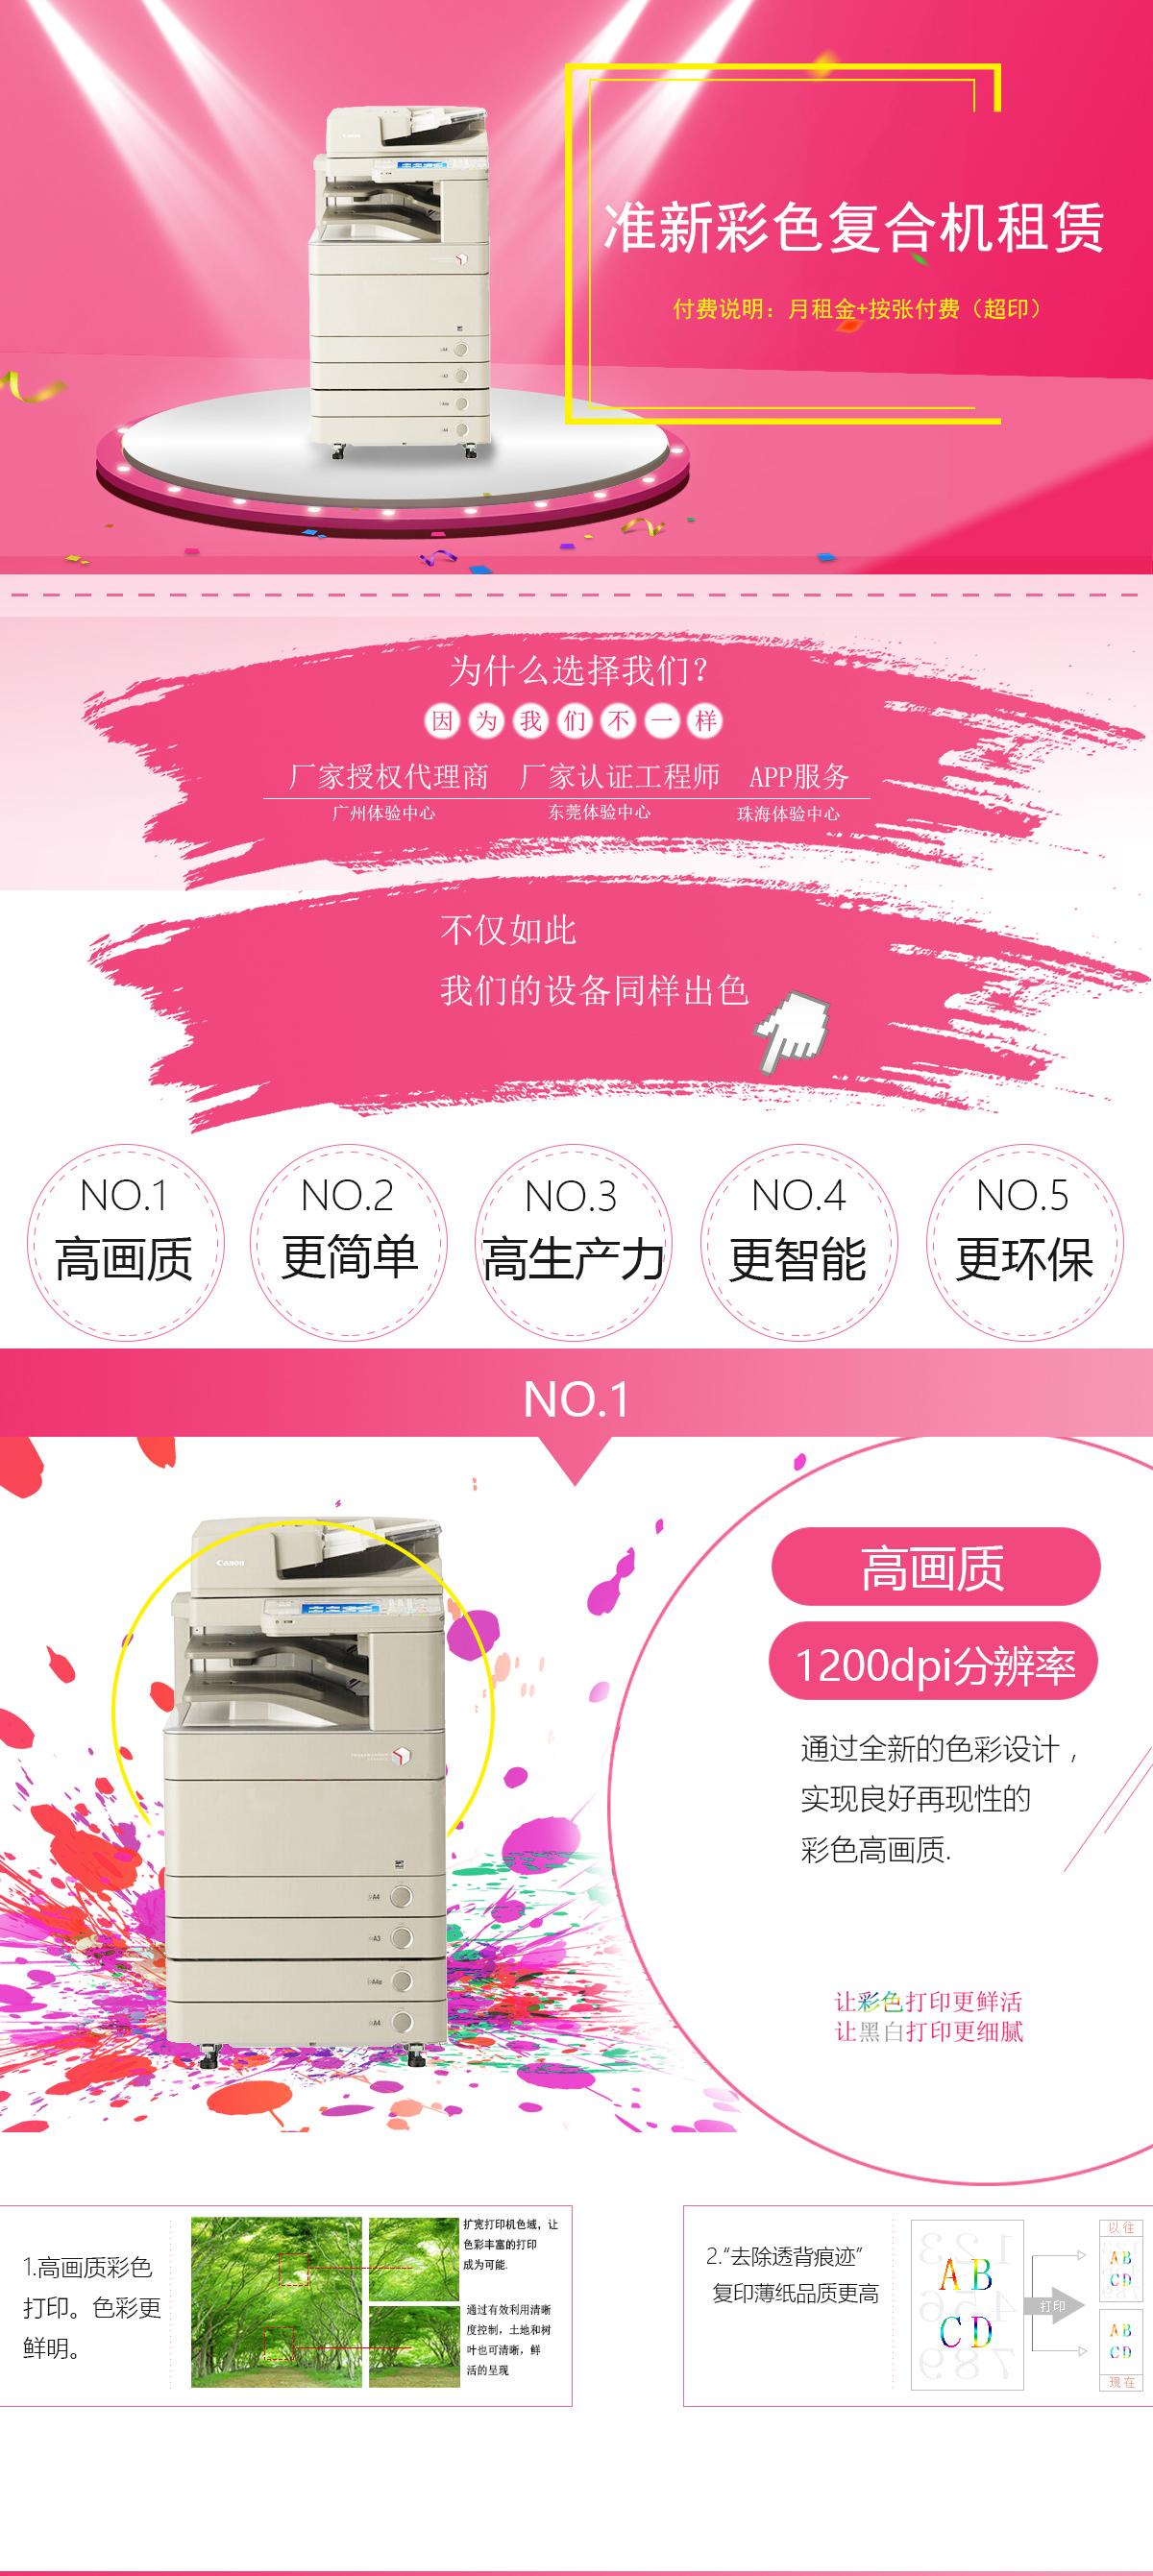 (准新机)IR-ADV C5250 佳能复合机A3A4彩色激光网络打印扫描一体机(打印/复印/网络扫描)(图1)